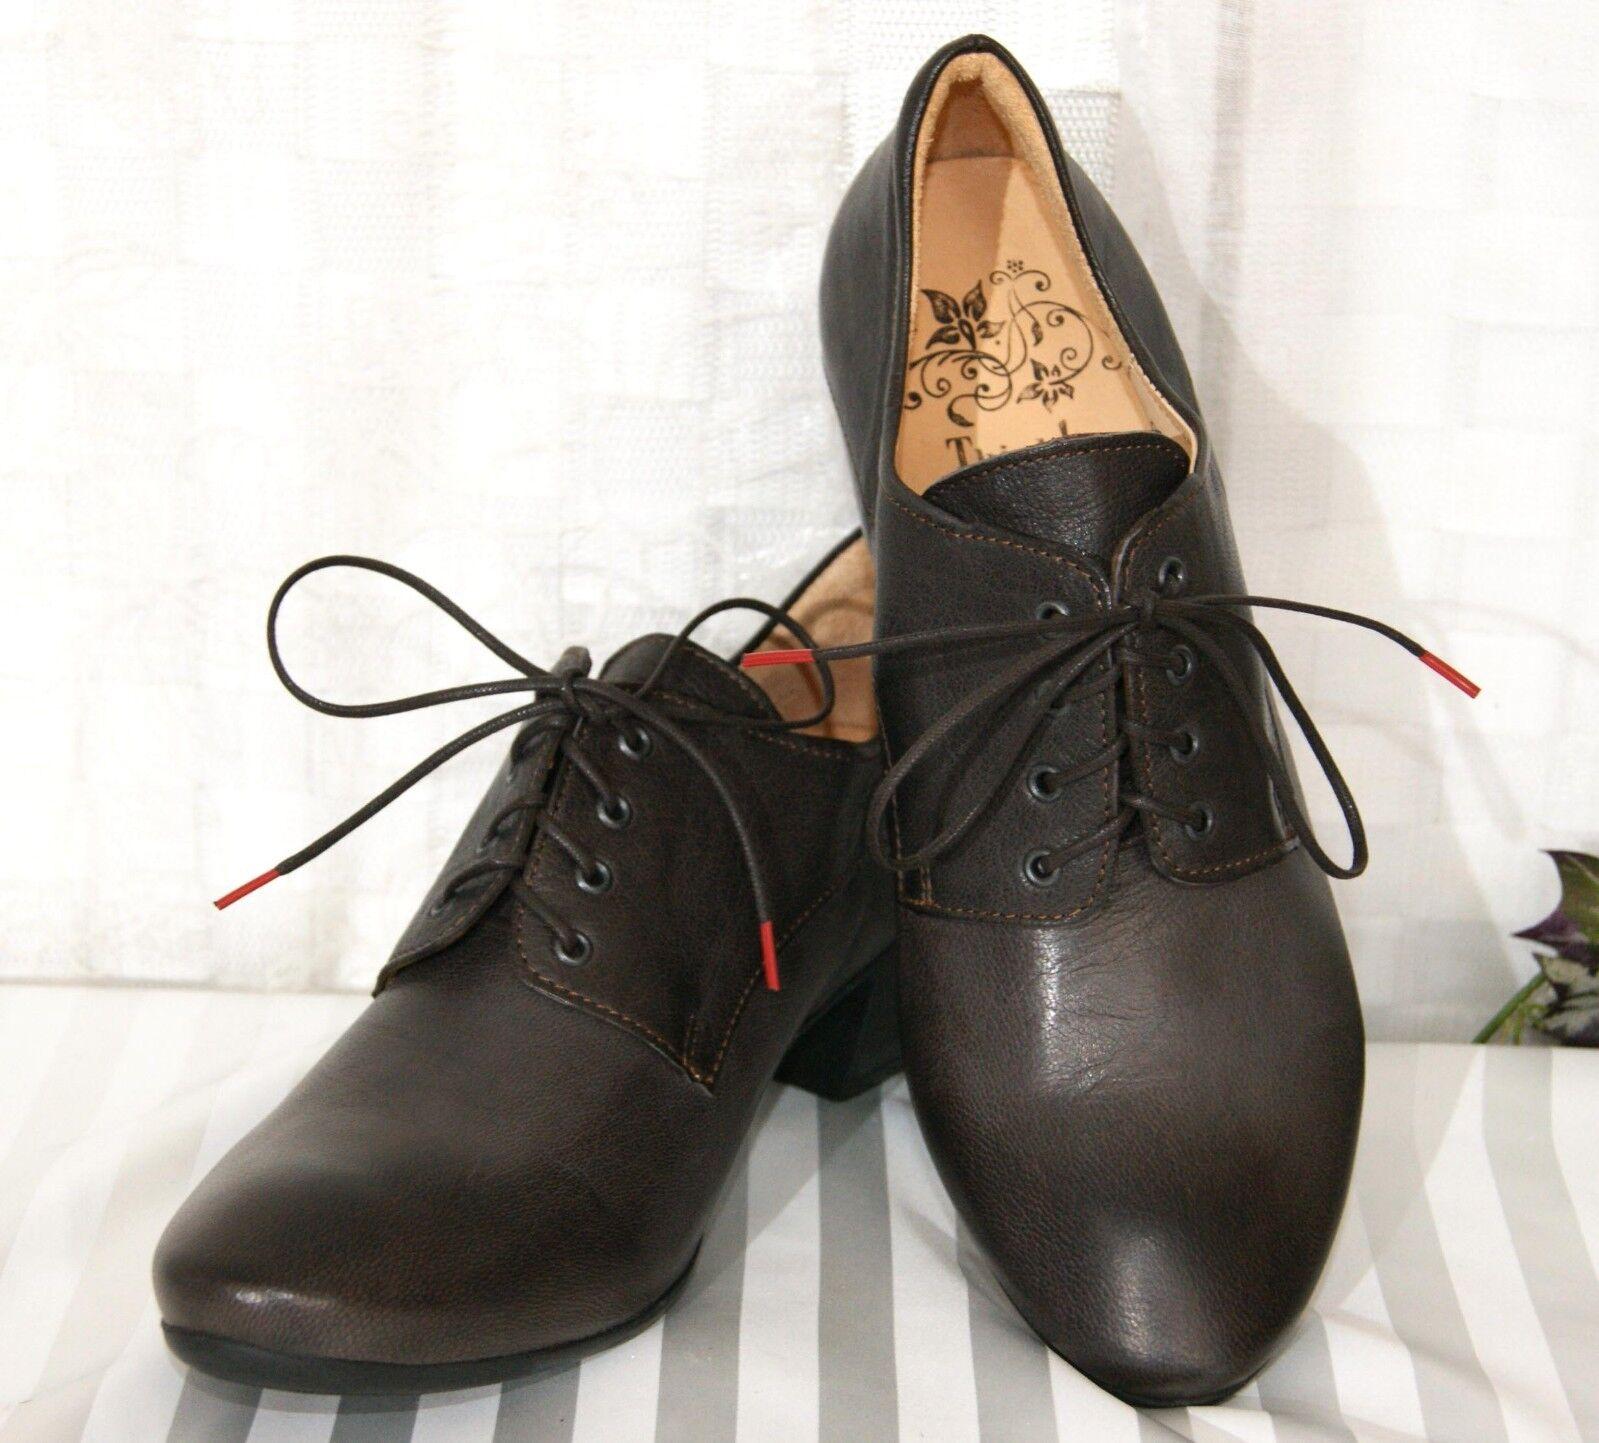 Think semi depósito zapatos schnürzapatos marrón 41 cuero genuino depósito semi plantilla nuevo 42c8b5